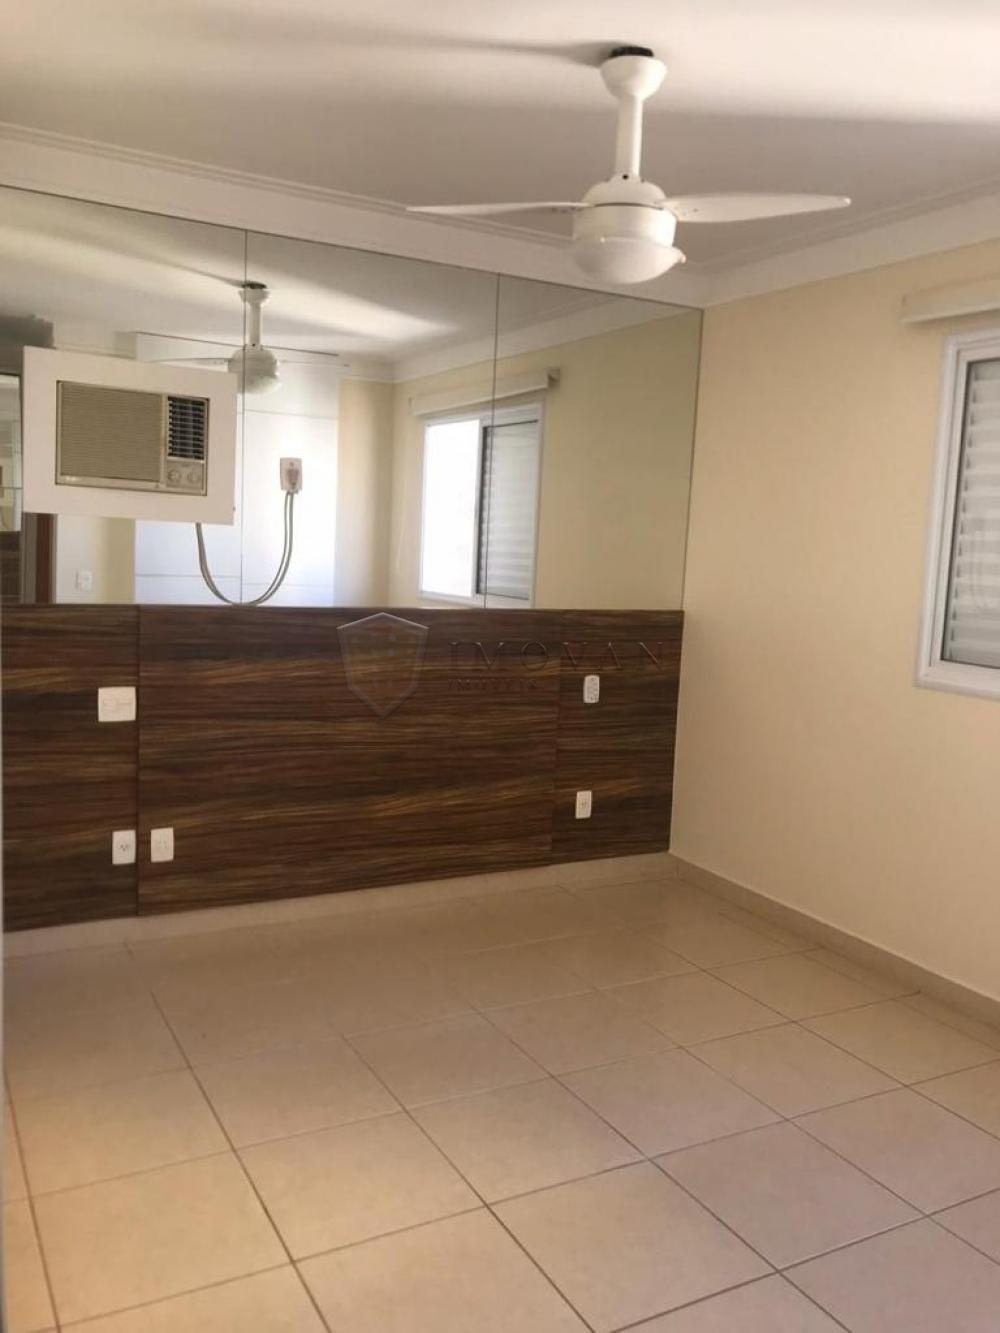 Comprar Apartamento / Padrão em Ribeirão Preto apenas R$ 790.000,00 - Foto 8